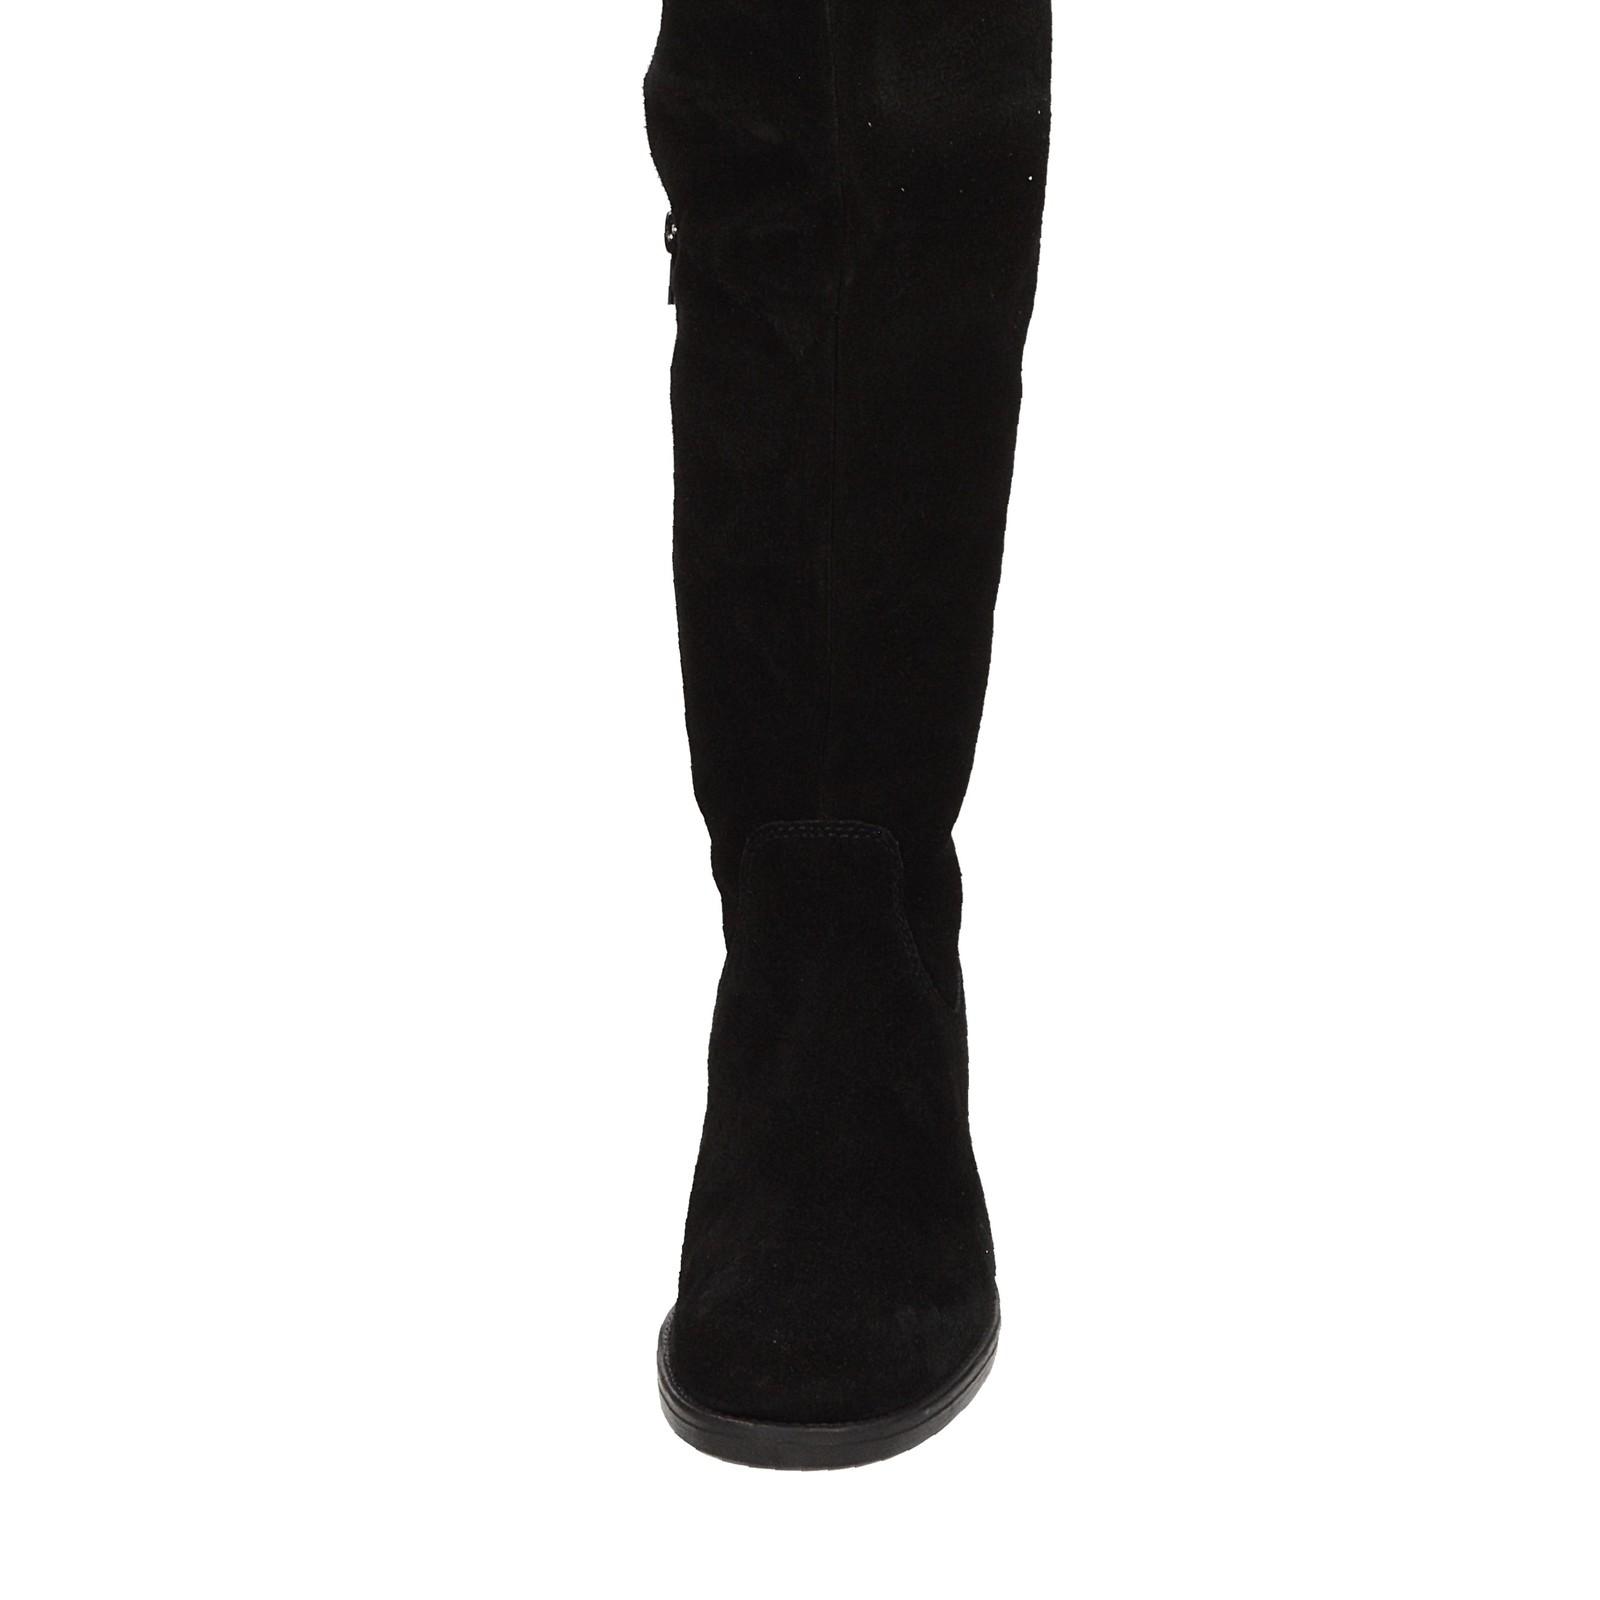 5803cc4ec6 Tamaris dámske semišové vysoké čižmy - čierne ...